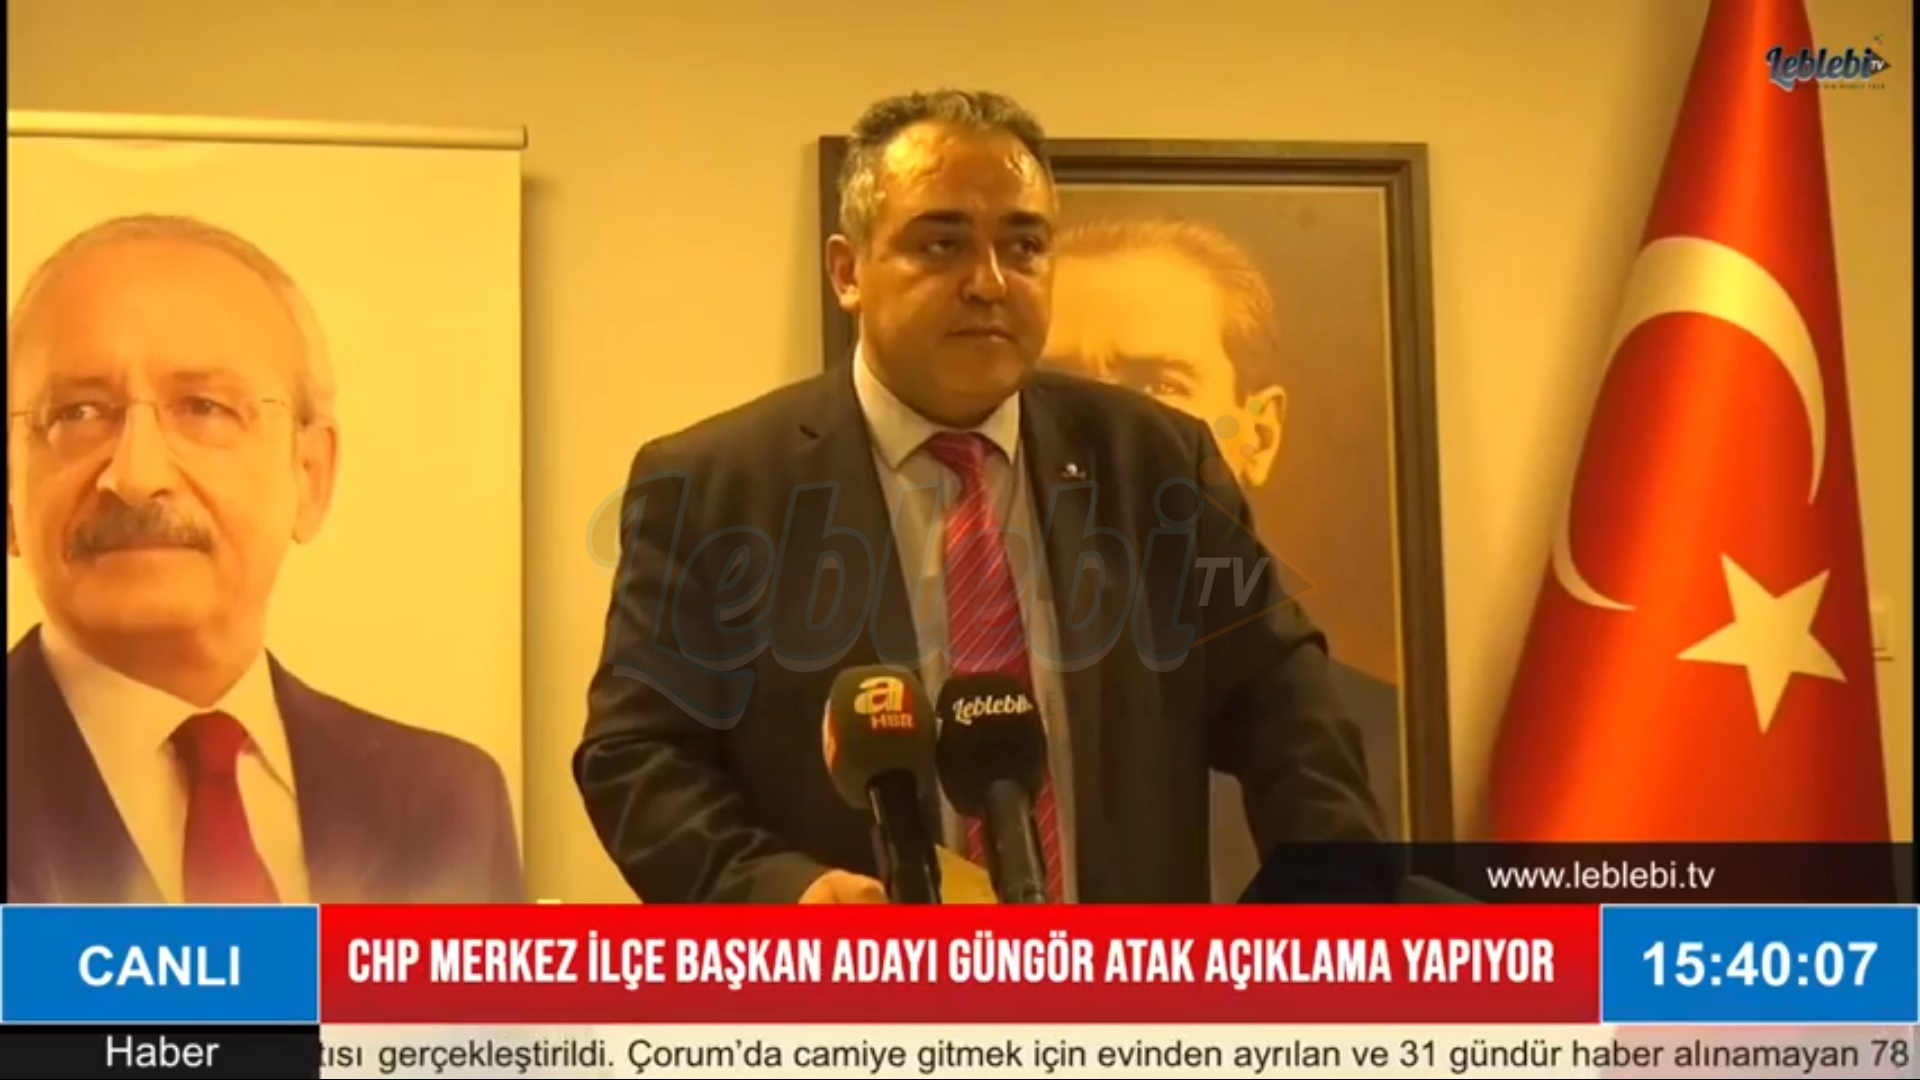 CHP Merkez İlçe Başkan Adayı Güngör Atak Basın Açıklaması